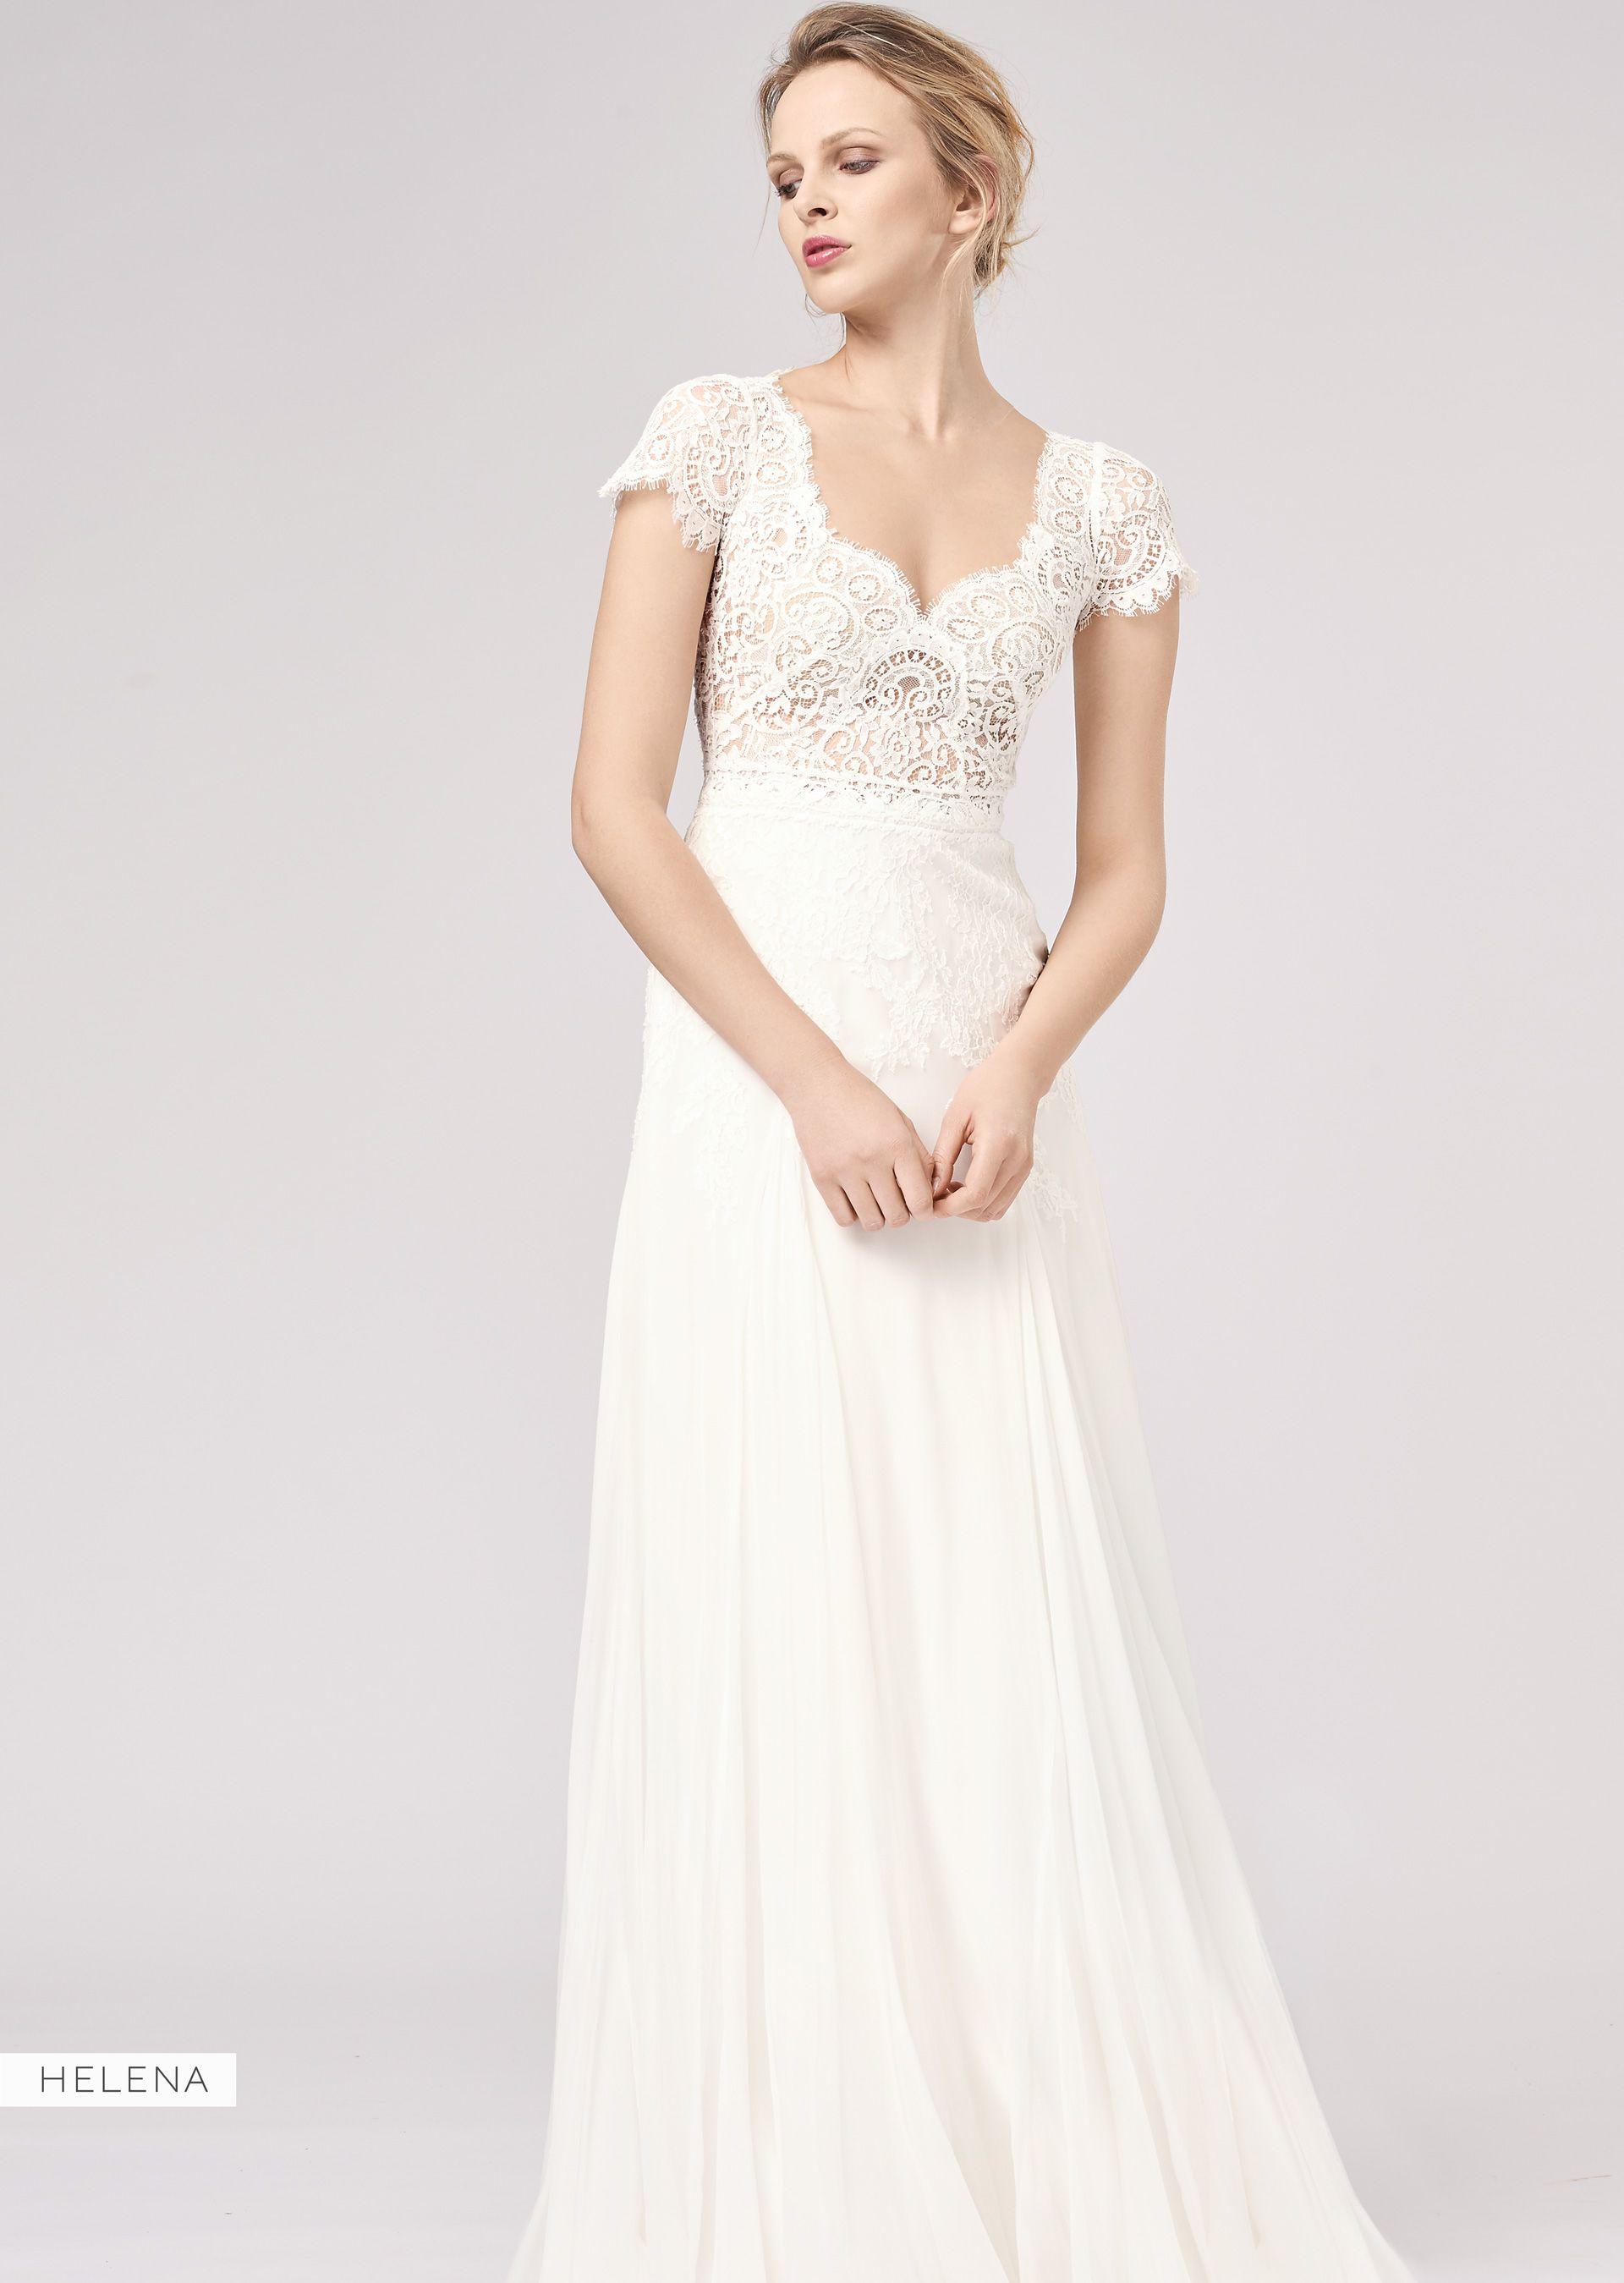 Helena Vintage mit starker Spitze  Brautkleider 15, Brautmode